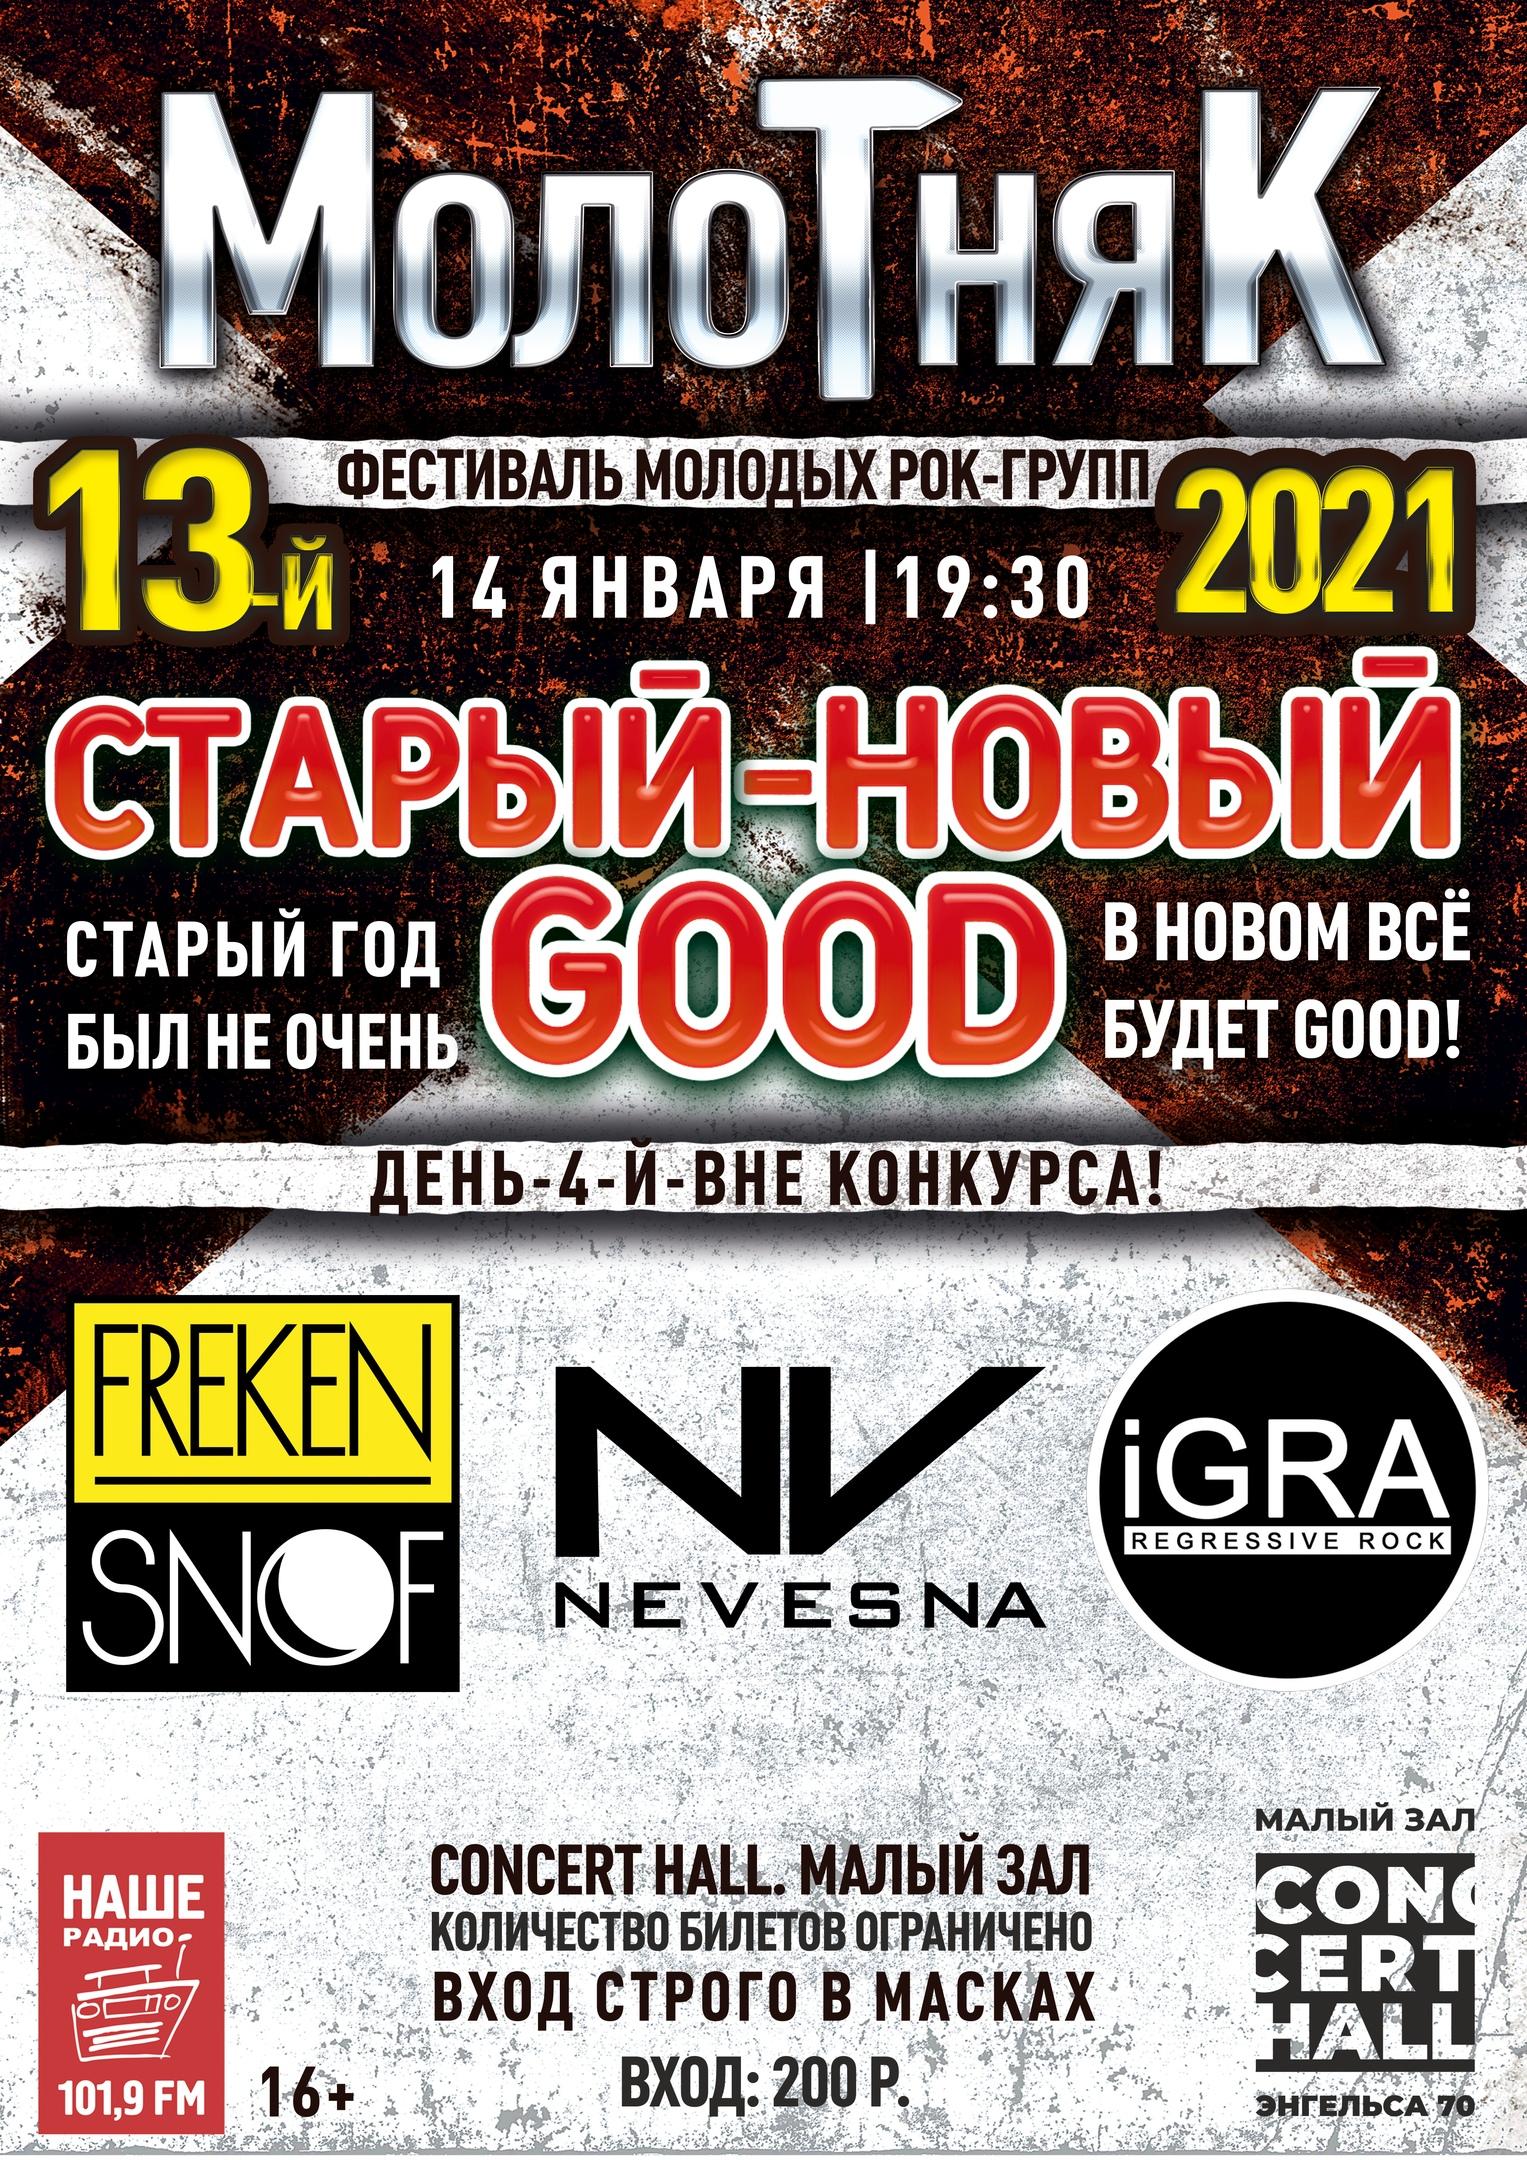 Фестиваль молодых рок-групп МОЛОТНЯК 13-й СЕЗОН